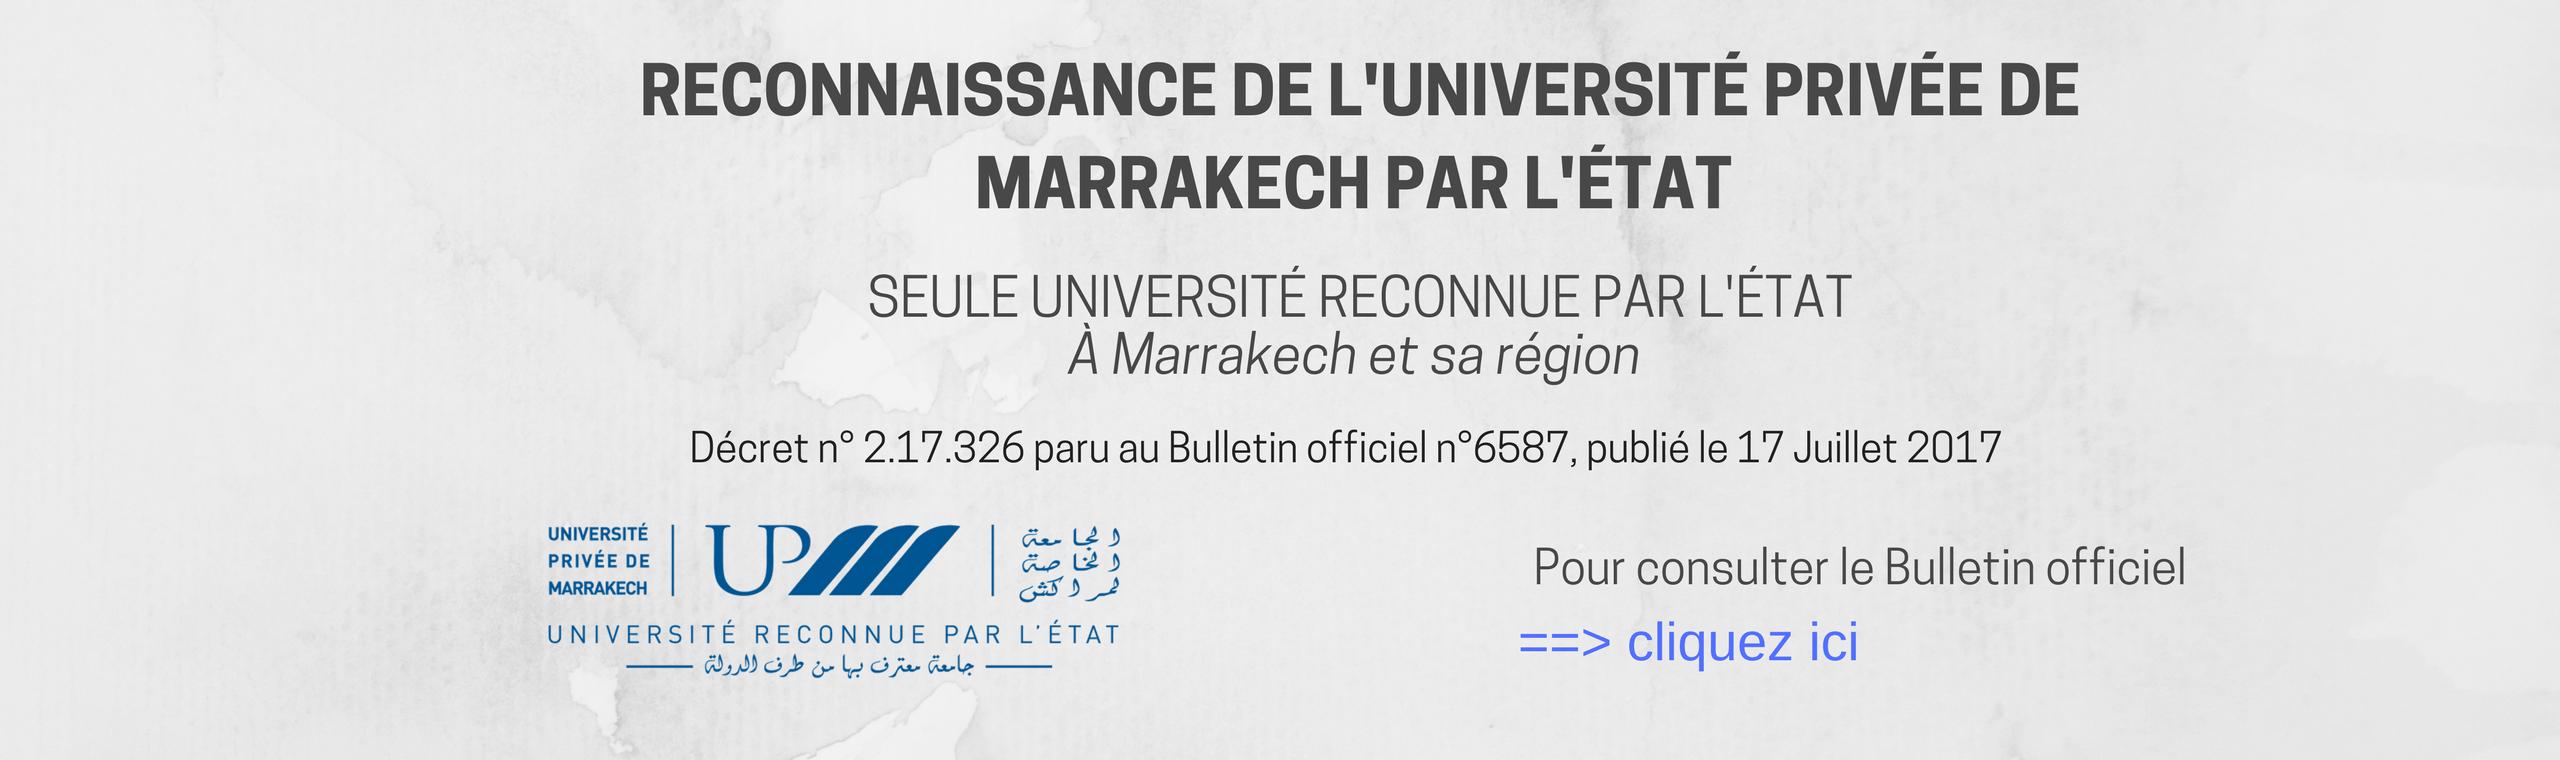 L'UNIVERSTÉ PRIVÉE DE MARRAKECH UNIVERSITÉ RECONNUE PAR L'ÉTAT (2)